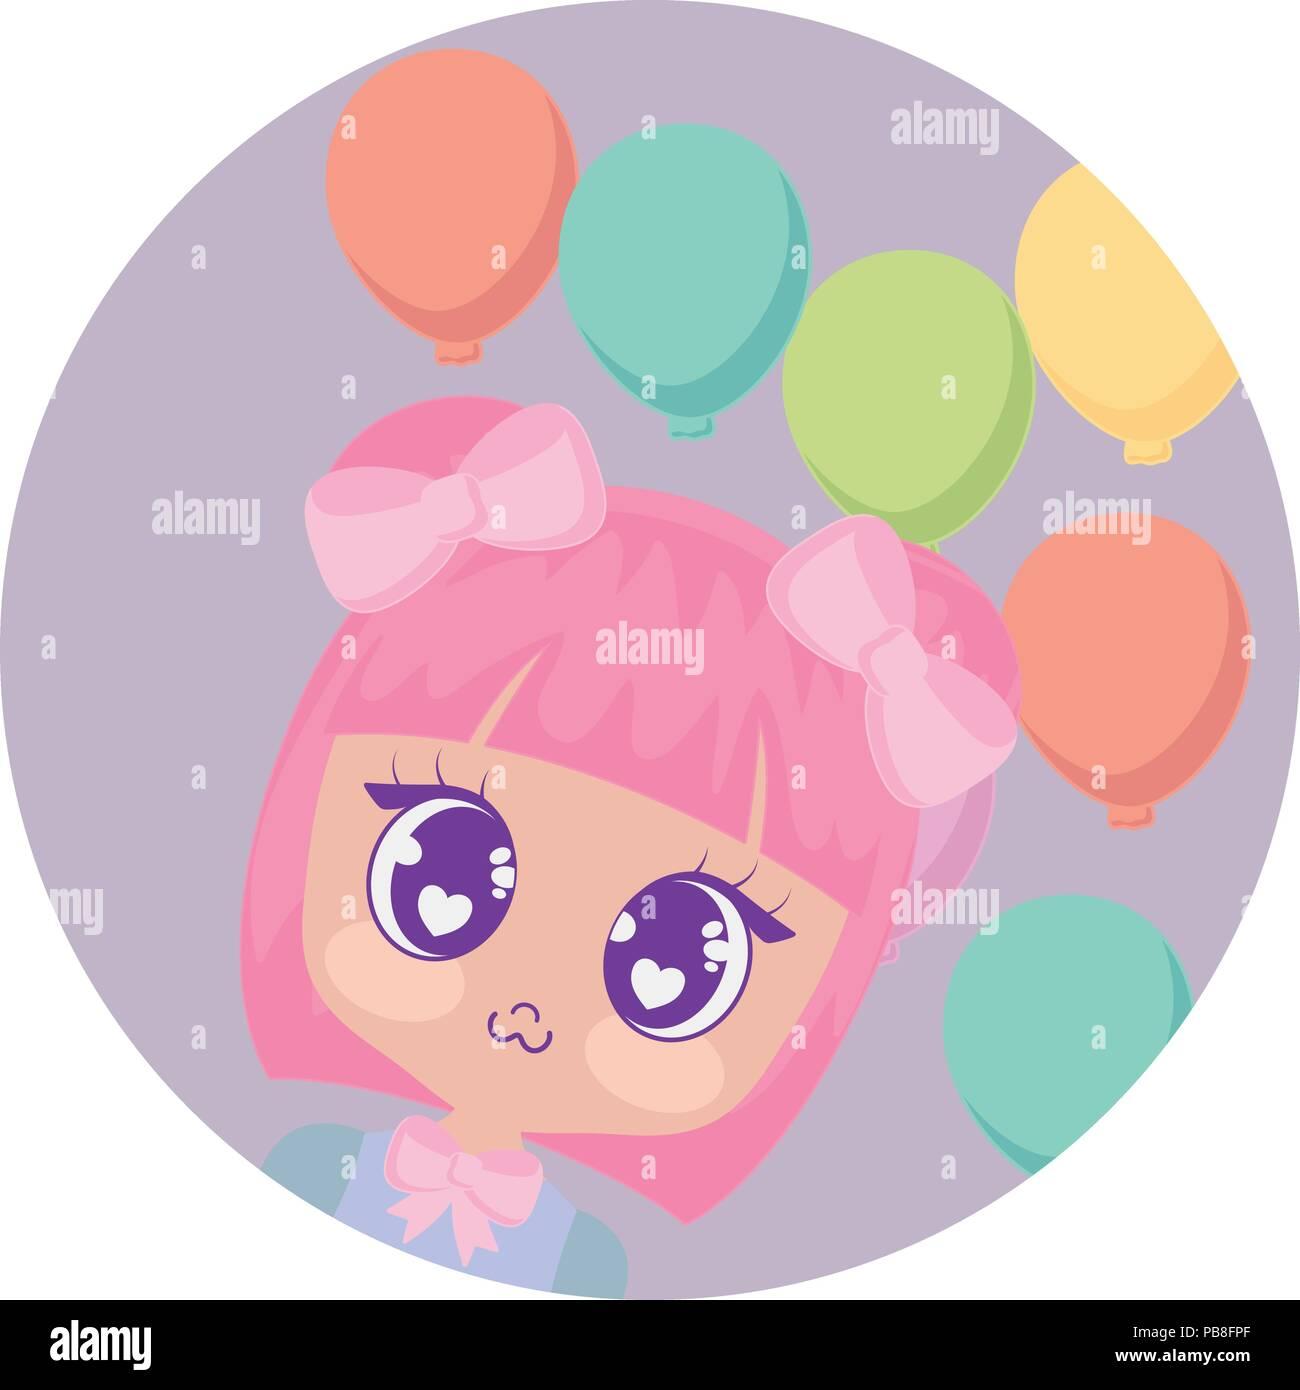 f0d1c72e8 Feliz cumpleaños diseño con linda chica asiática con globos sobre fondo  blanco